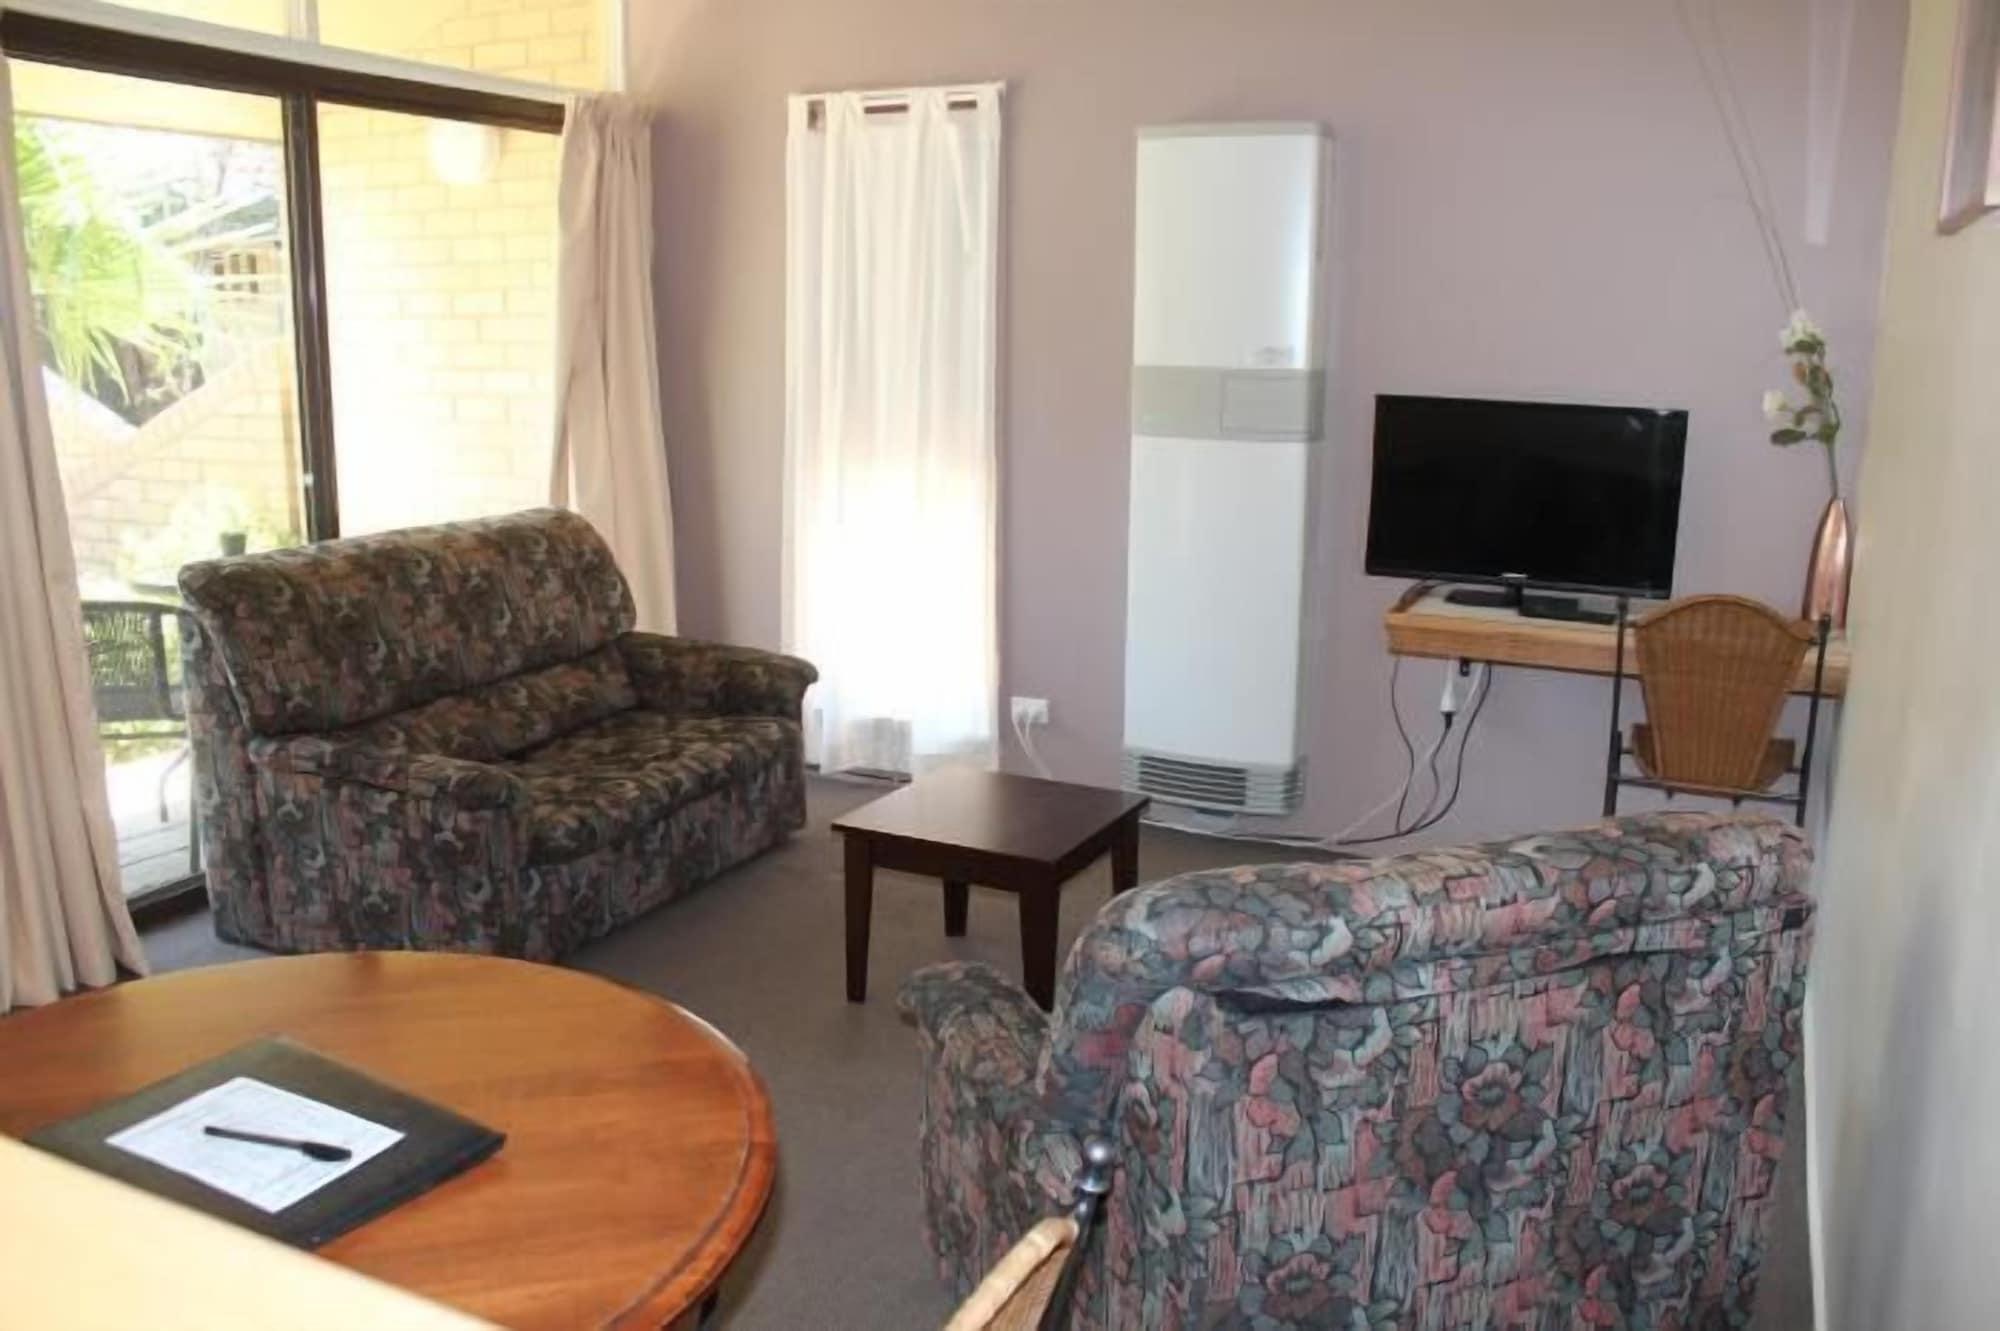 Executive Hideaway Motel, Benalla - Benalla